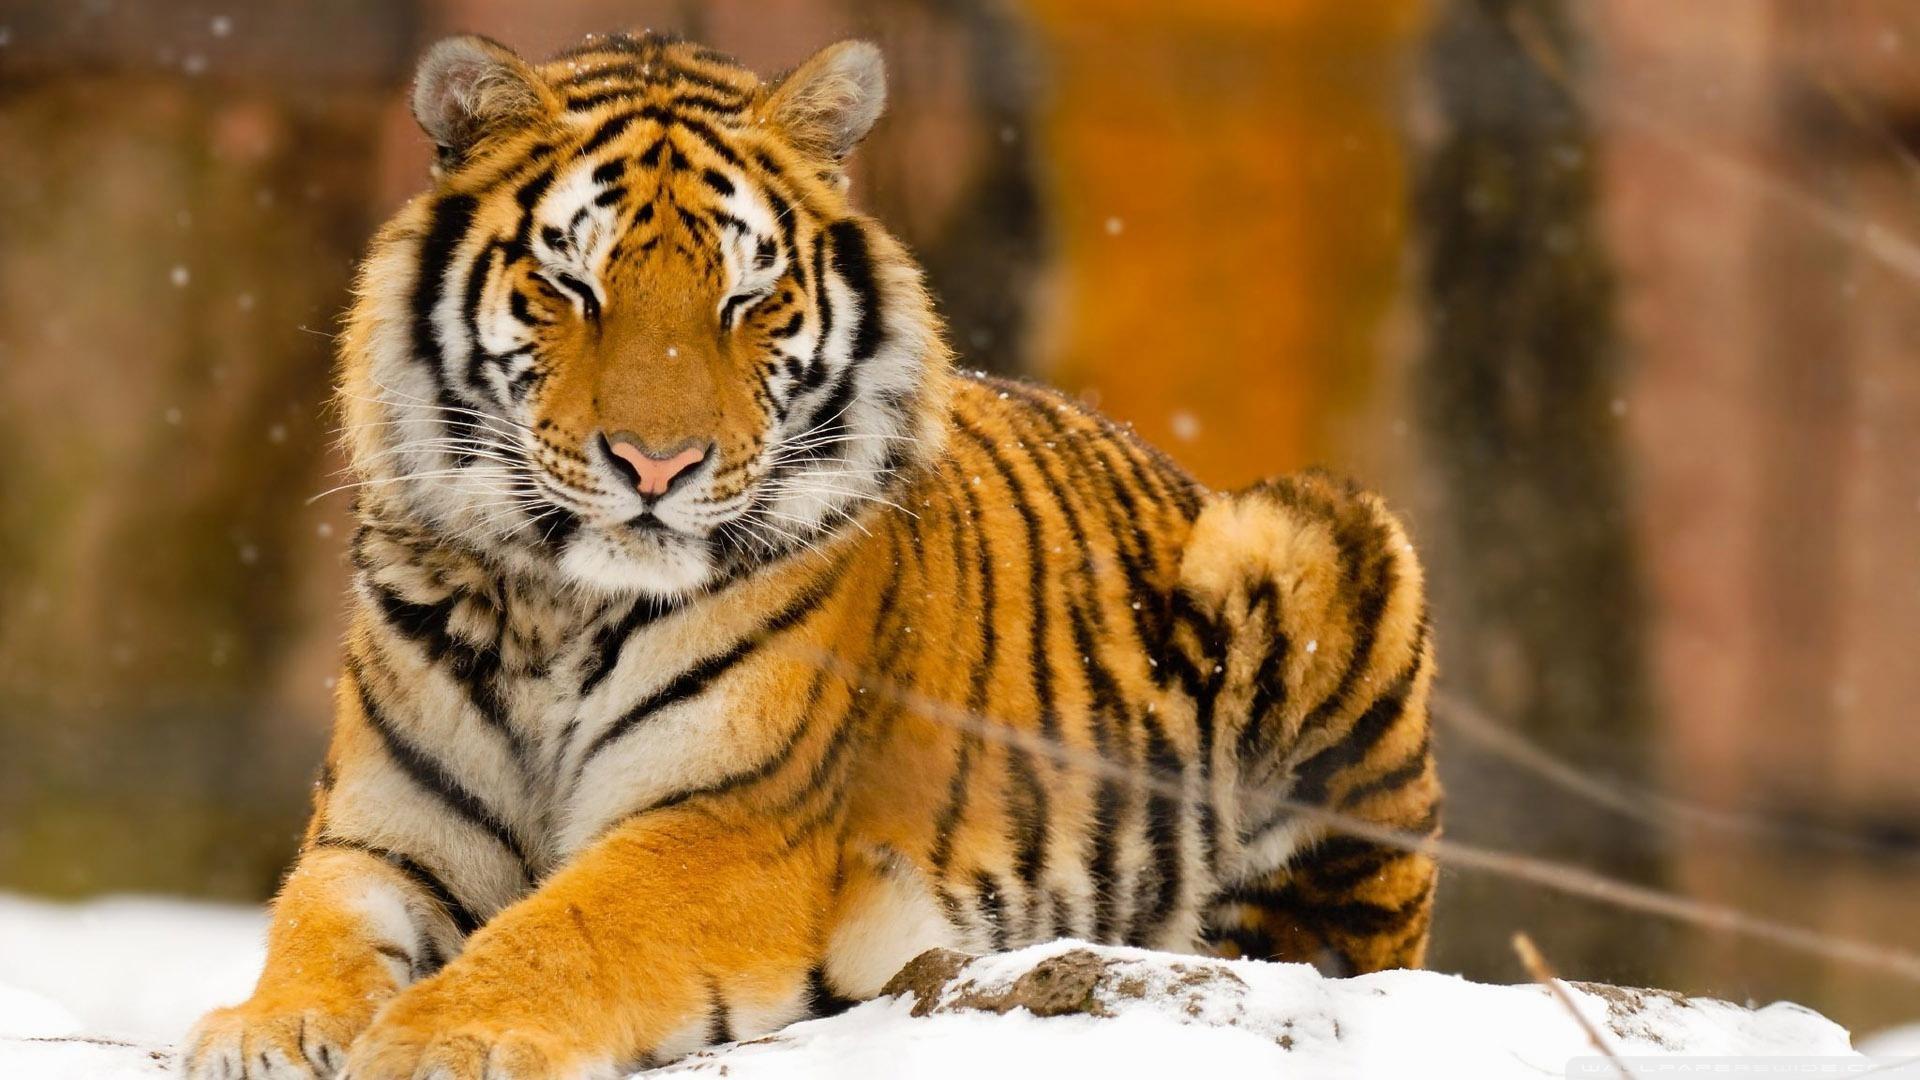 52+ Cool Animal